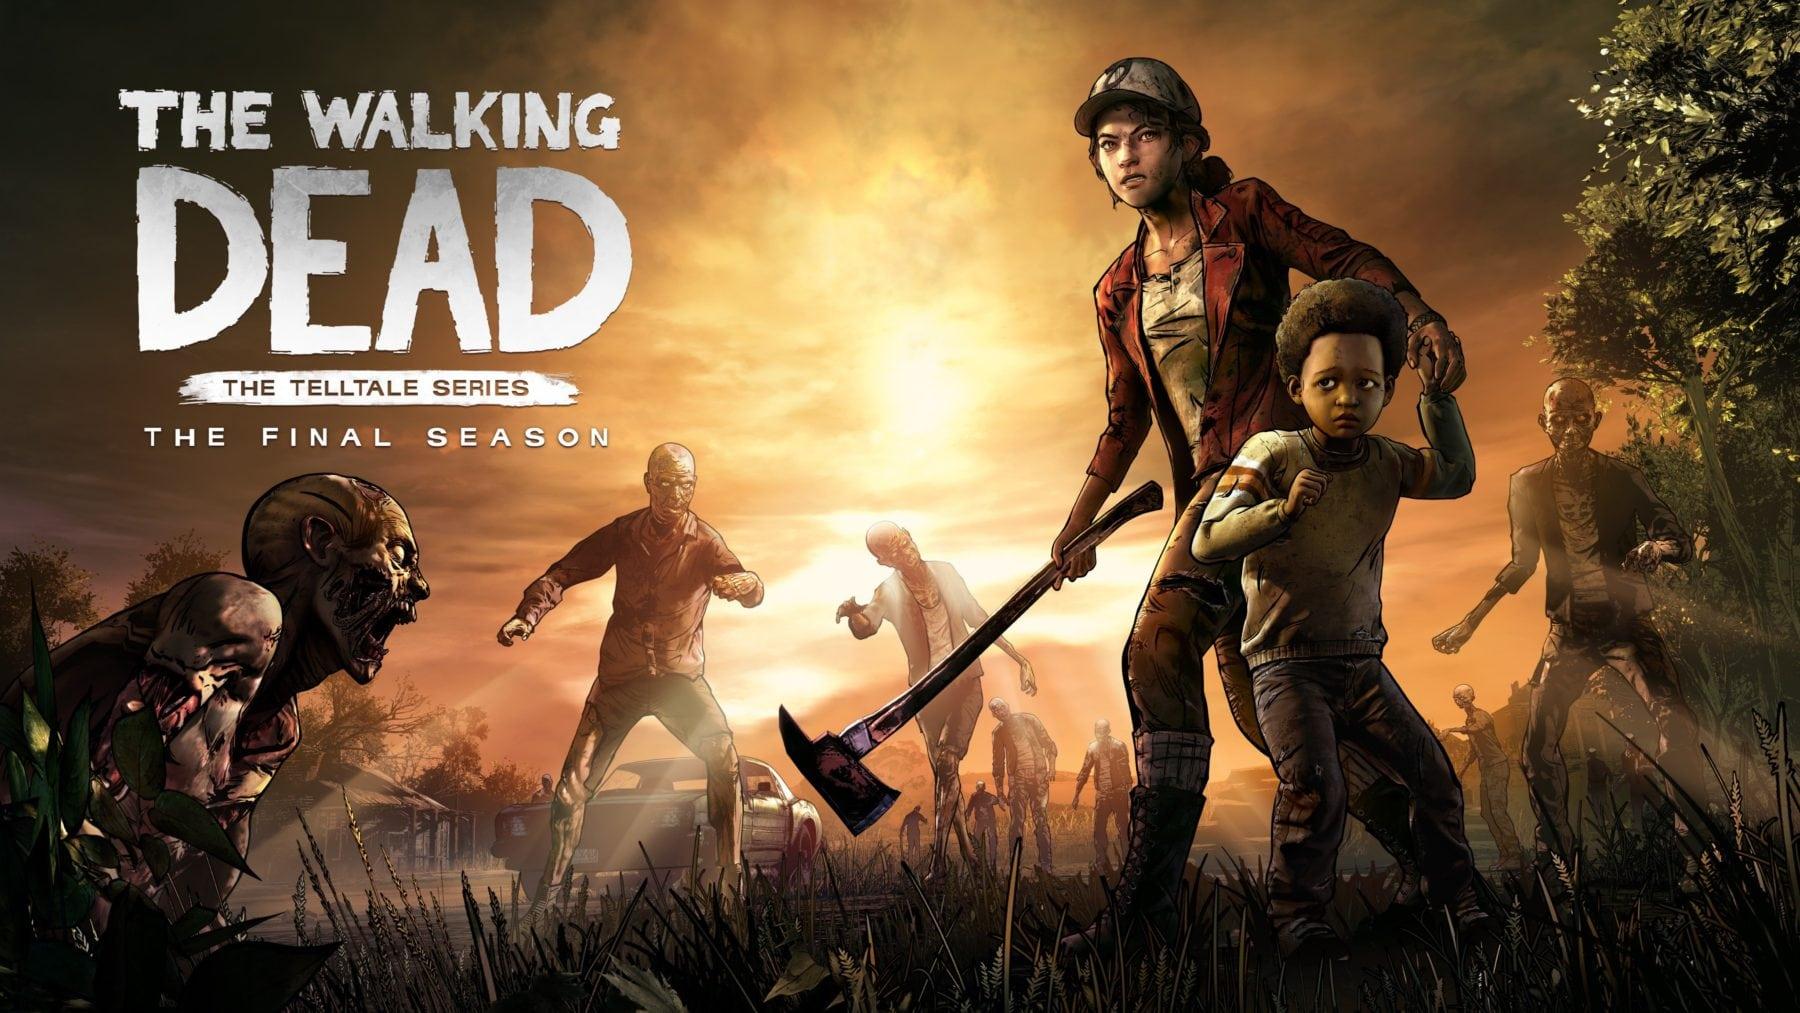 El último tráiler de The Walking Dead: The Final Season se burla del viaje final de Clemantine